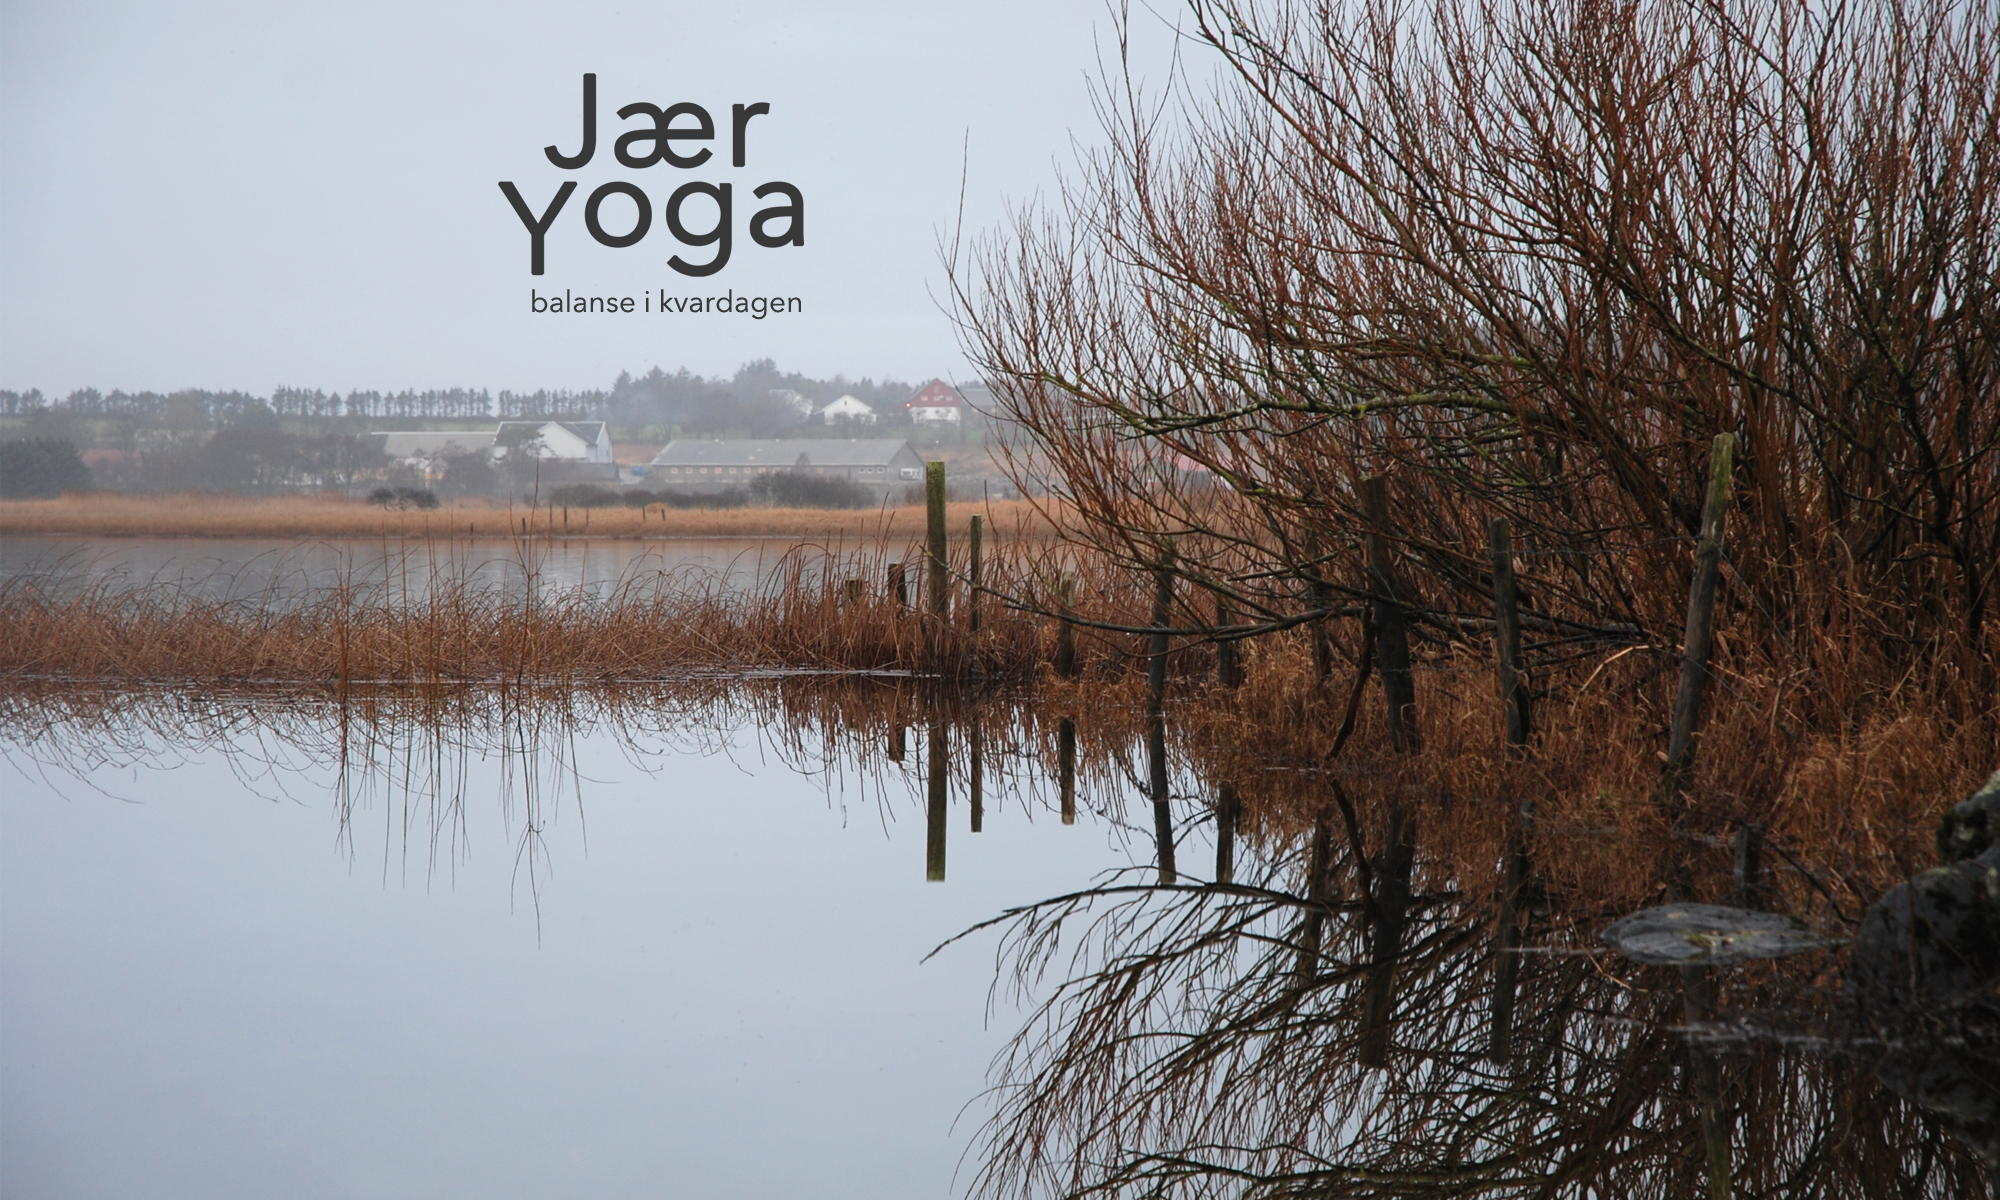 JærYoga og Klepp kommune